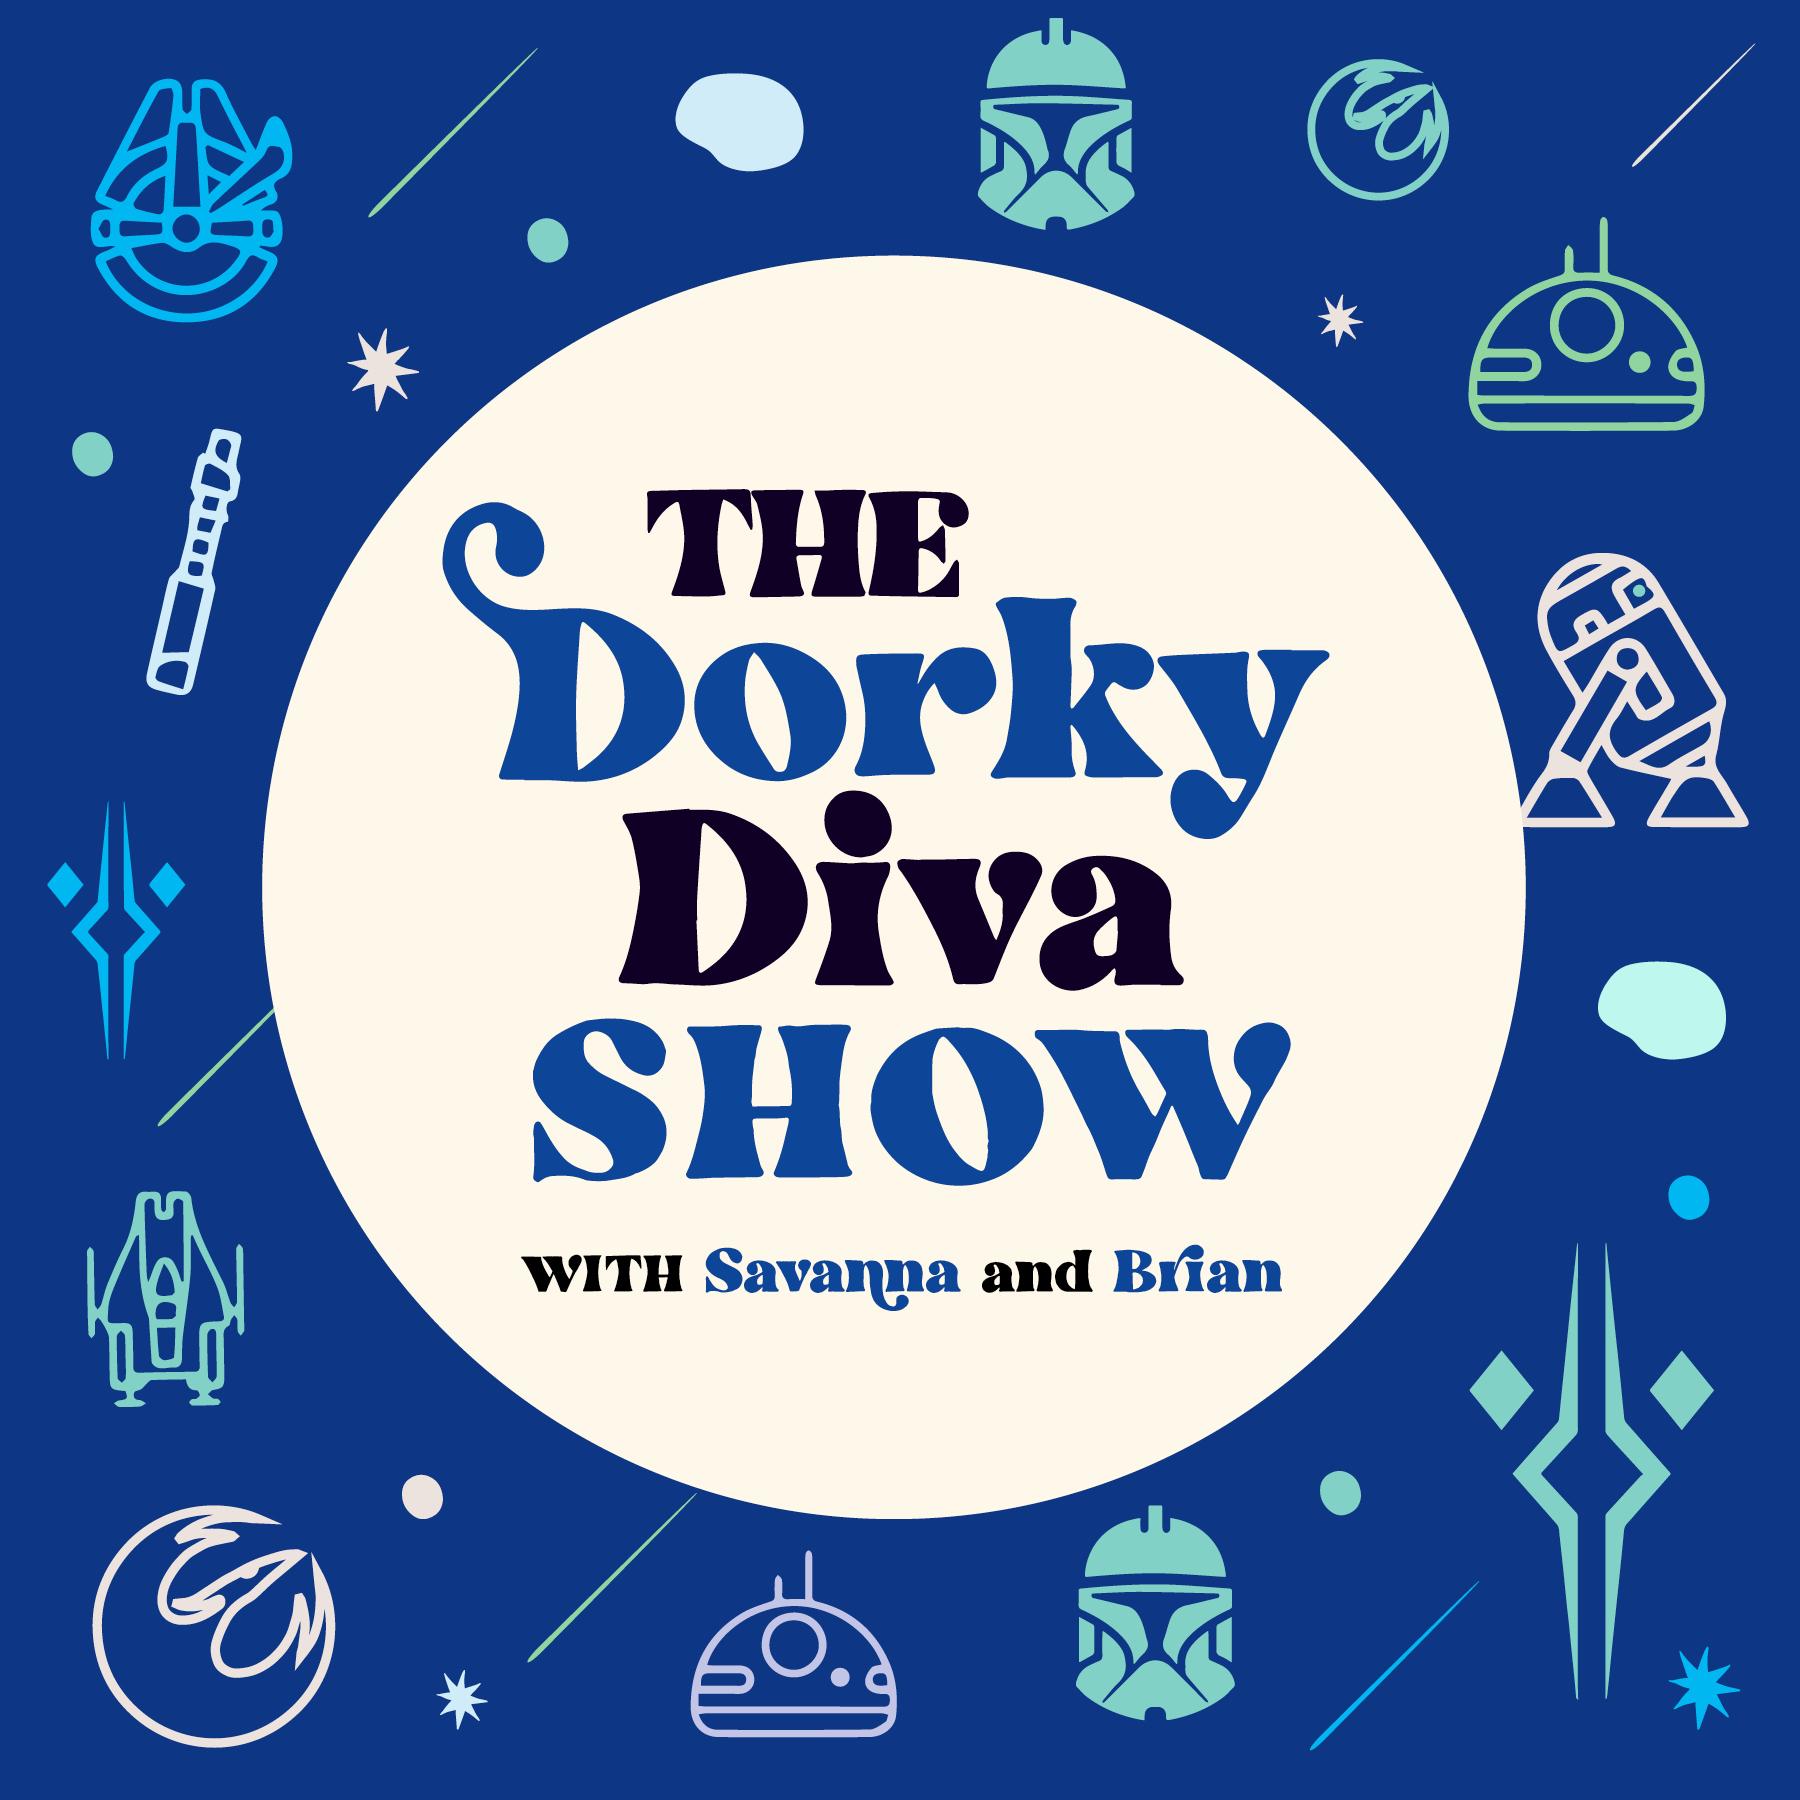 The Dorky Diva Show show art